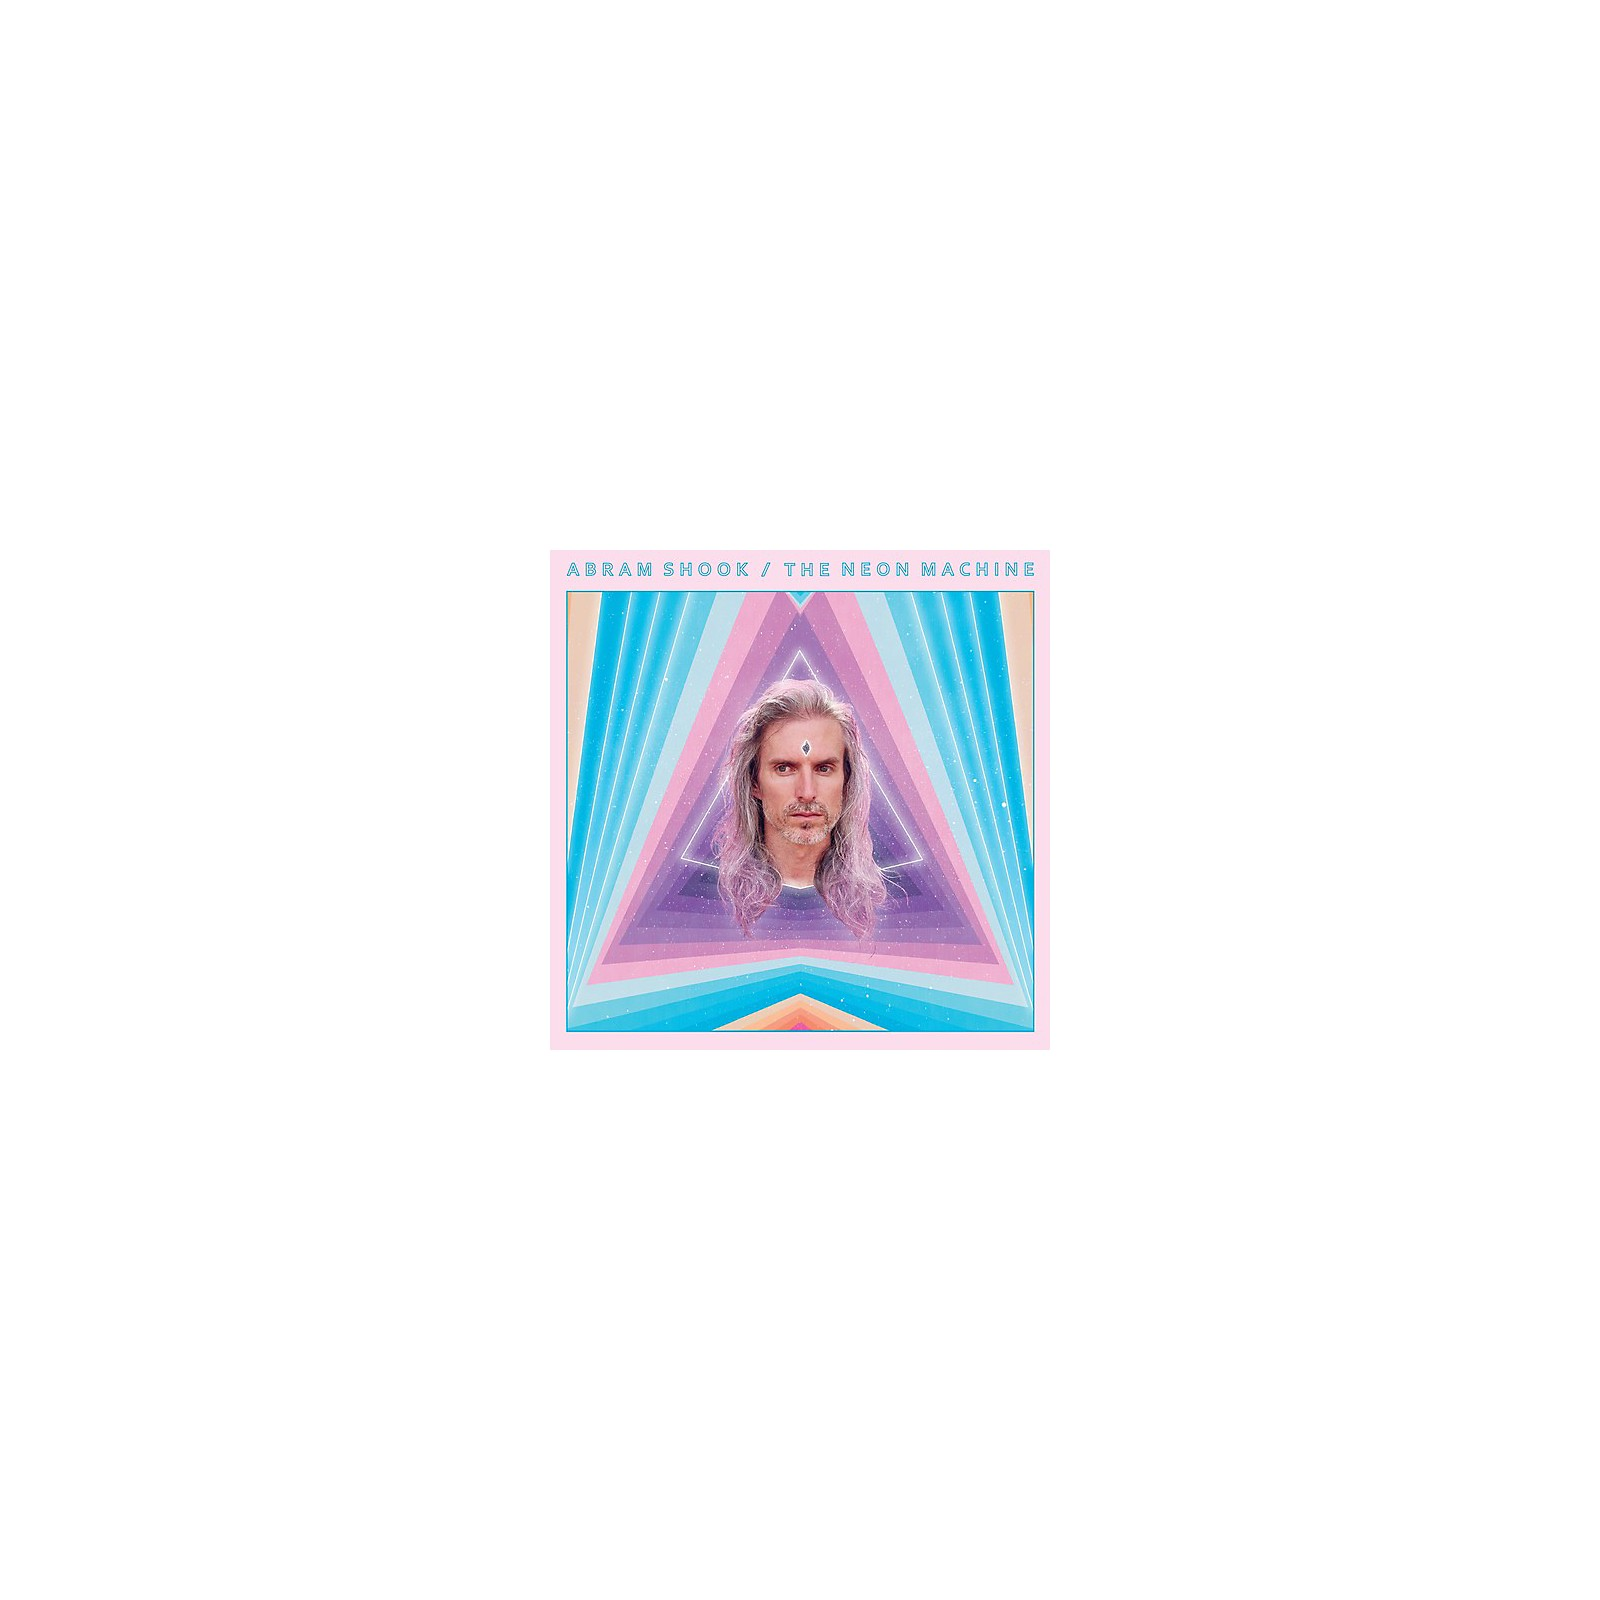 Alliance Abram Shook - The Neon Machine